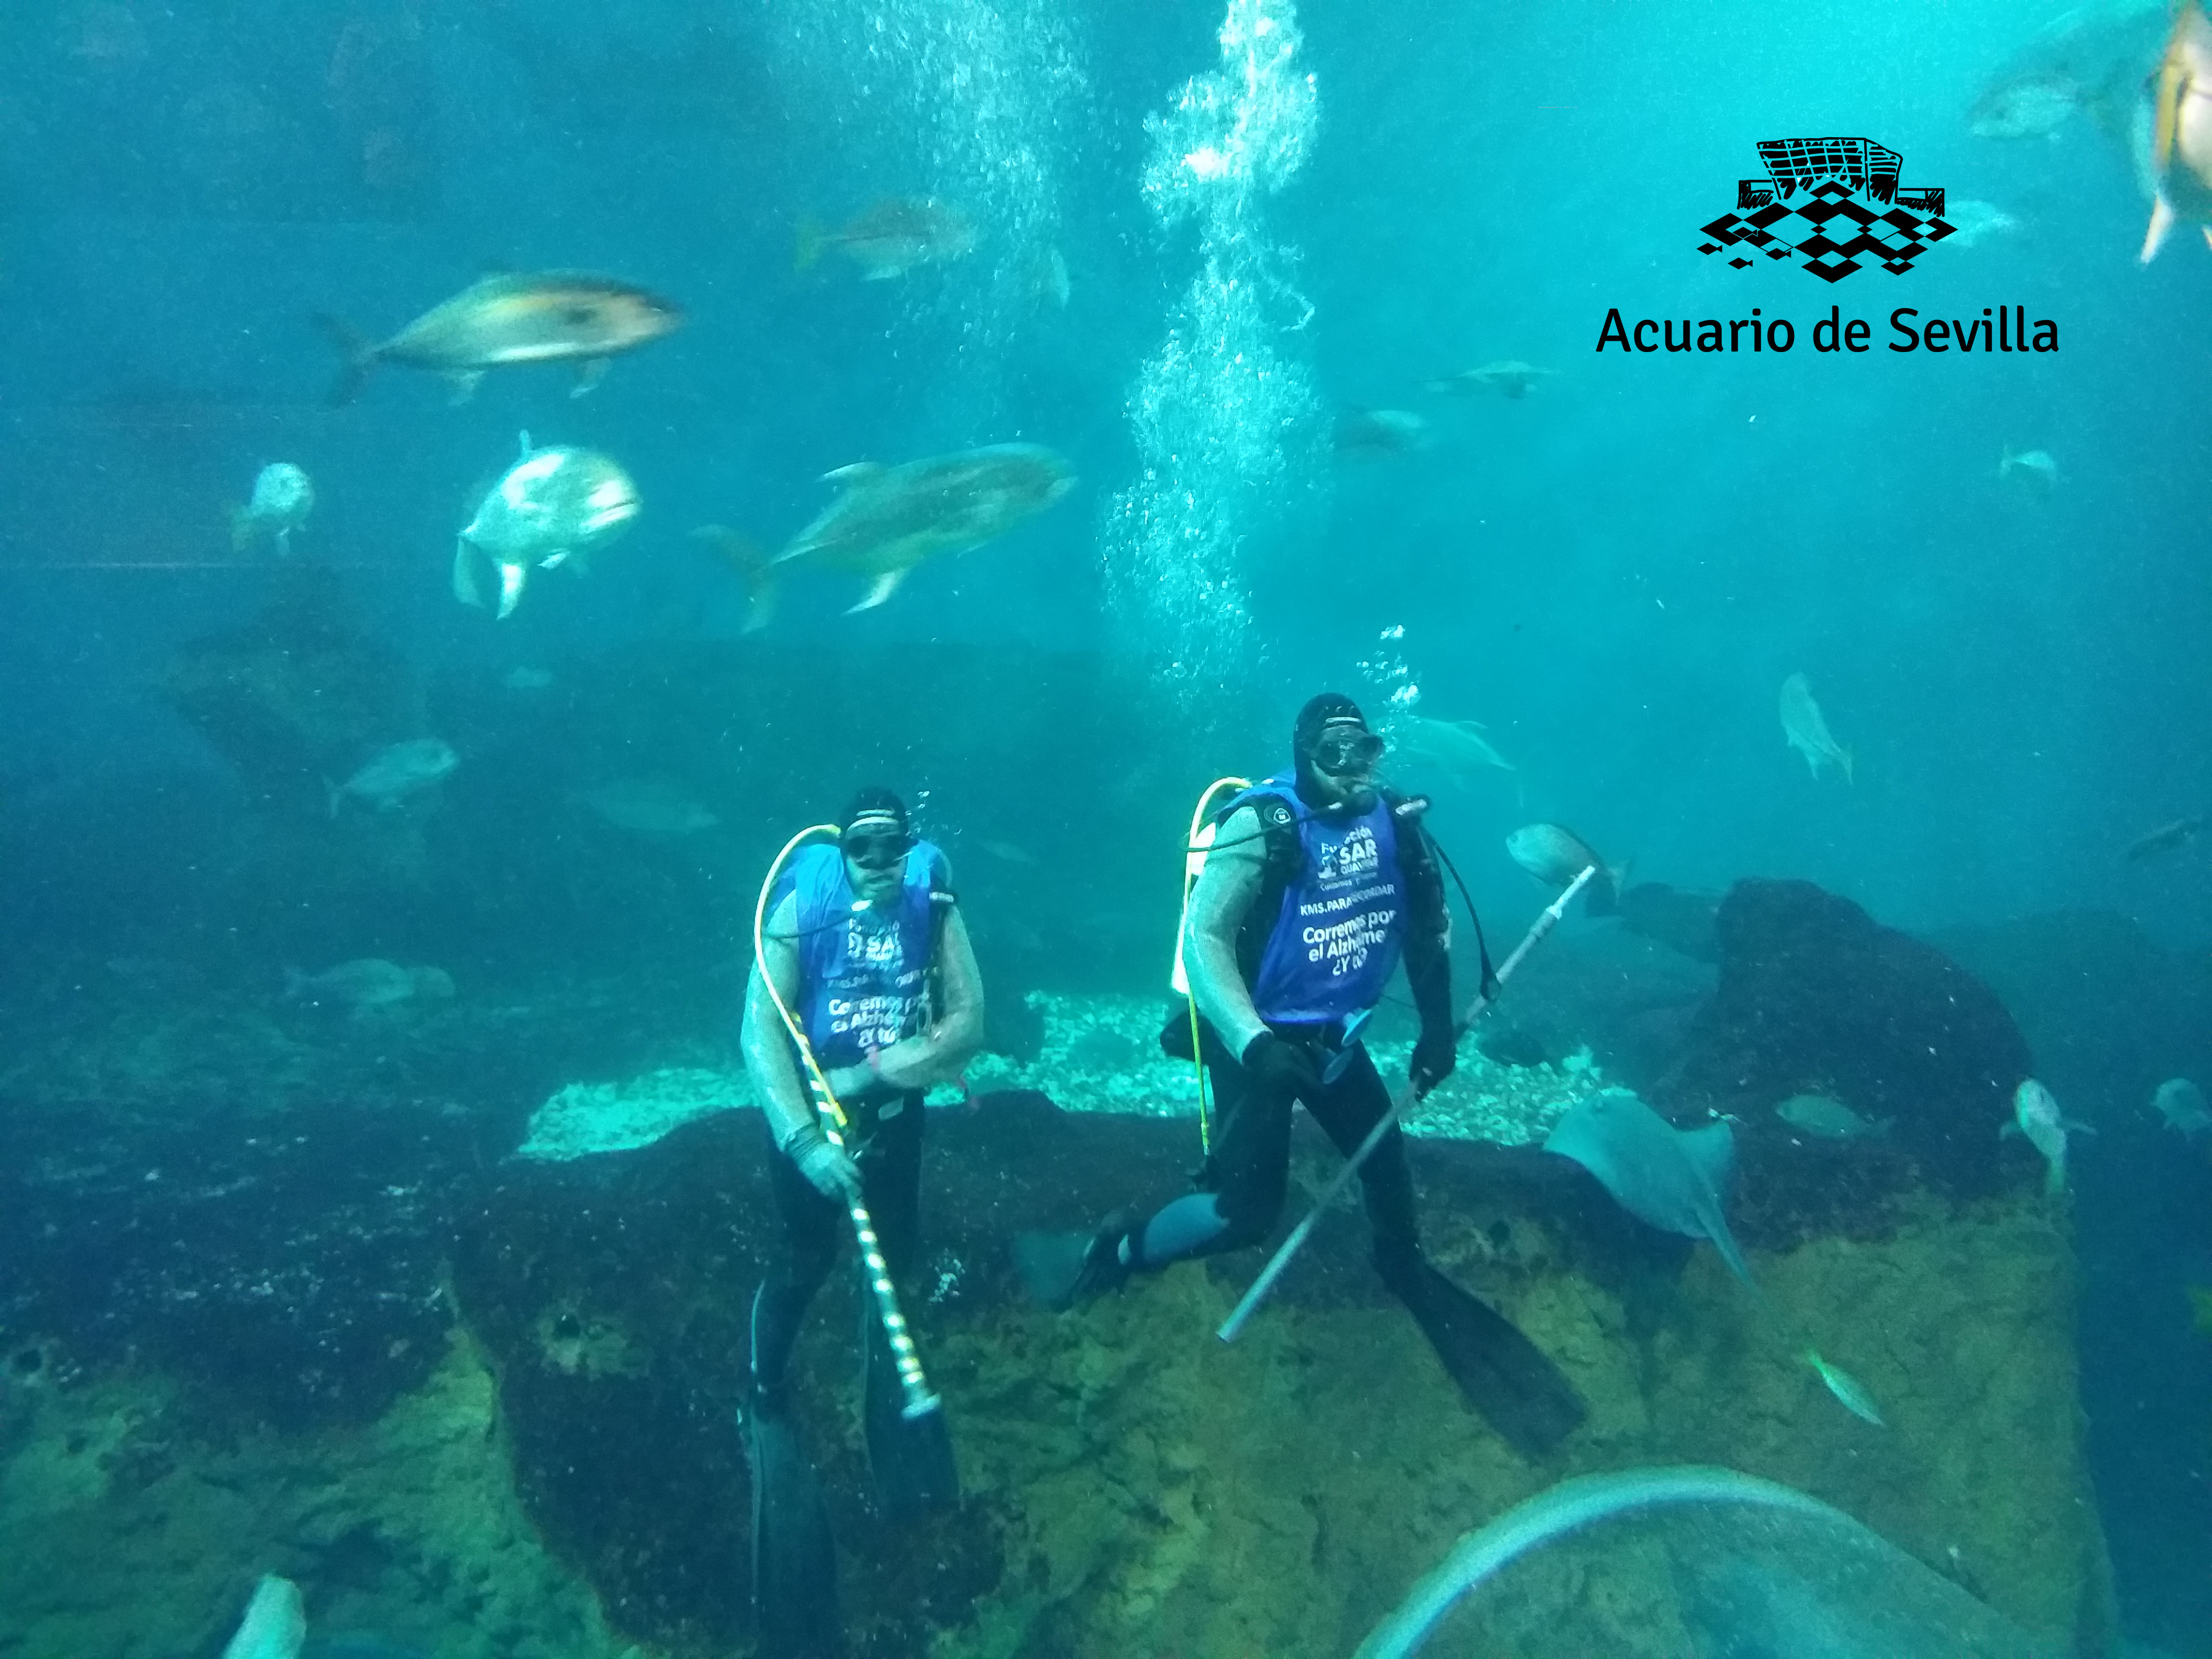 acuario de sevilla kms